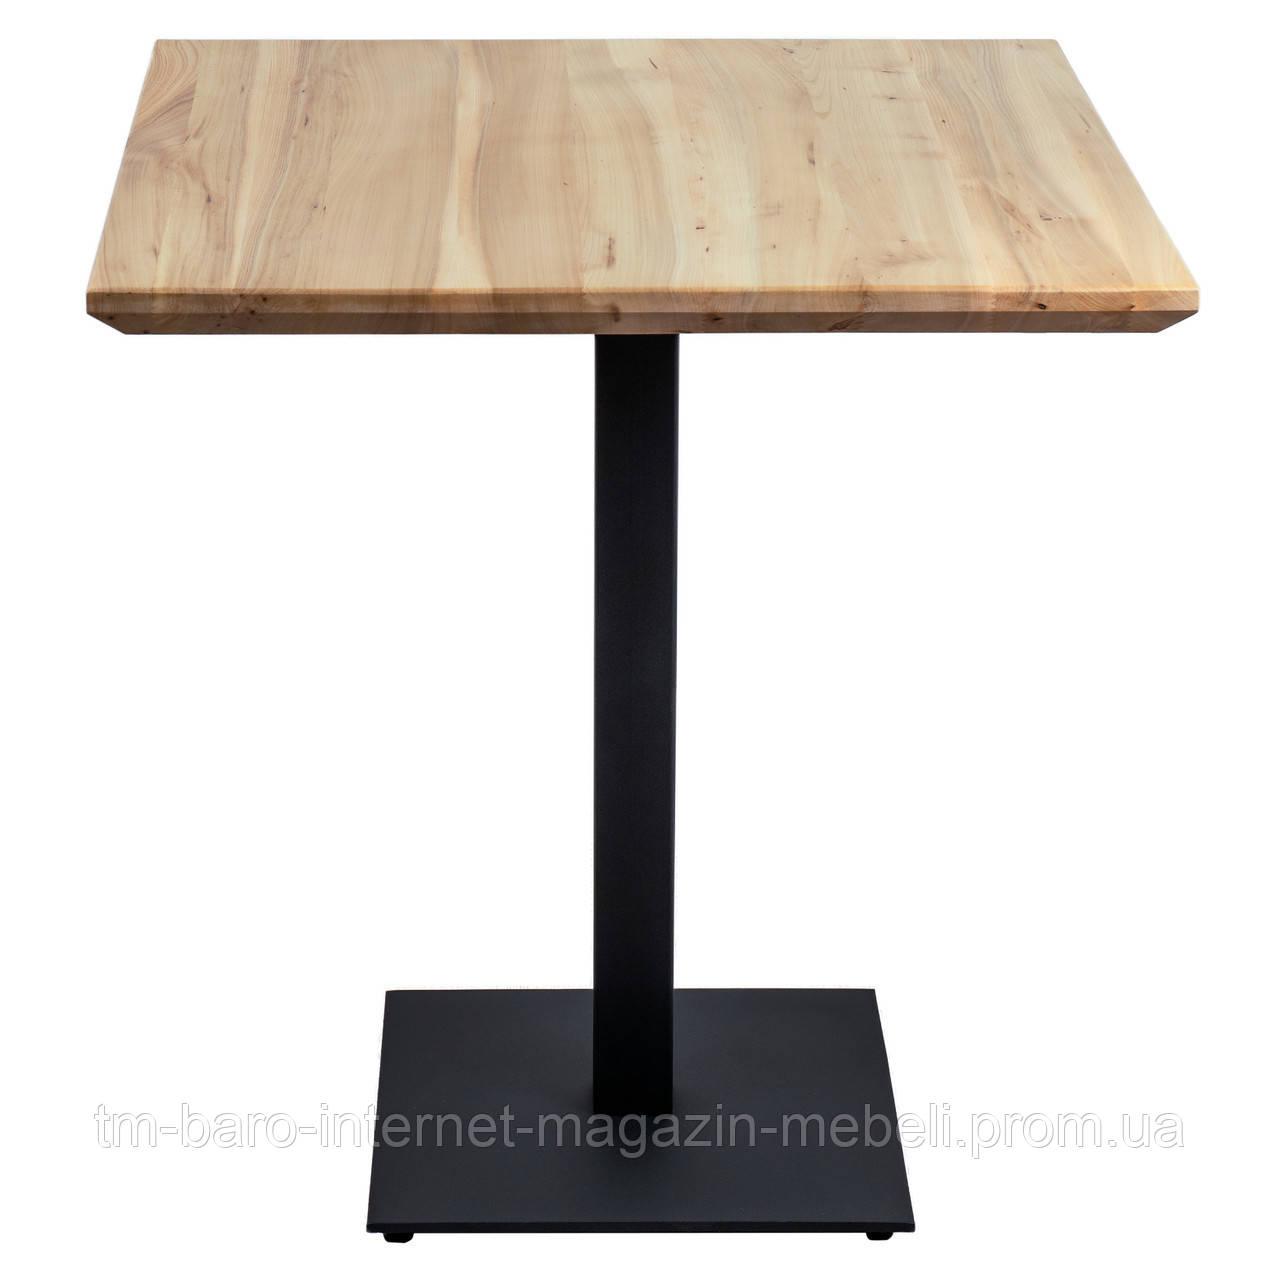 Стол Tetra  (Тетра) 80x80 черный